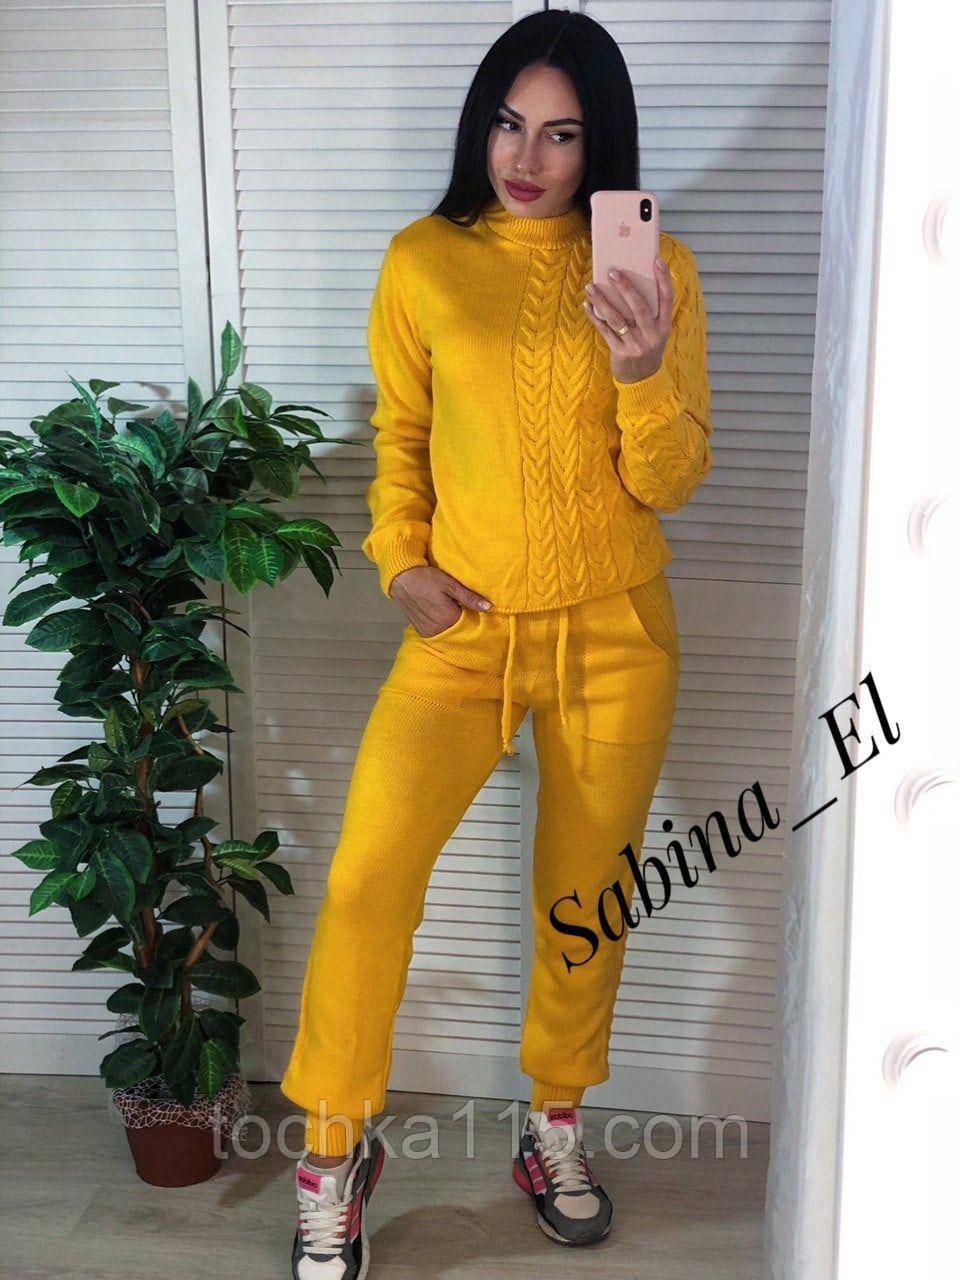 Стильный вязанный костюм, очень комфортный, 42-46р (желтый)